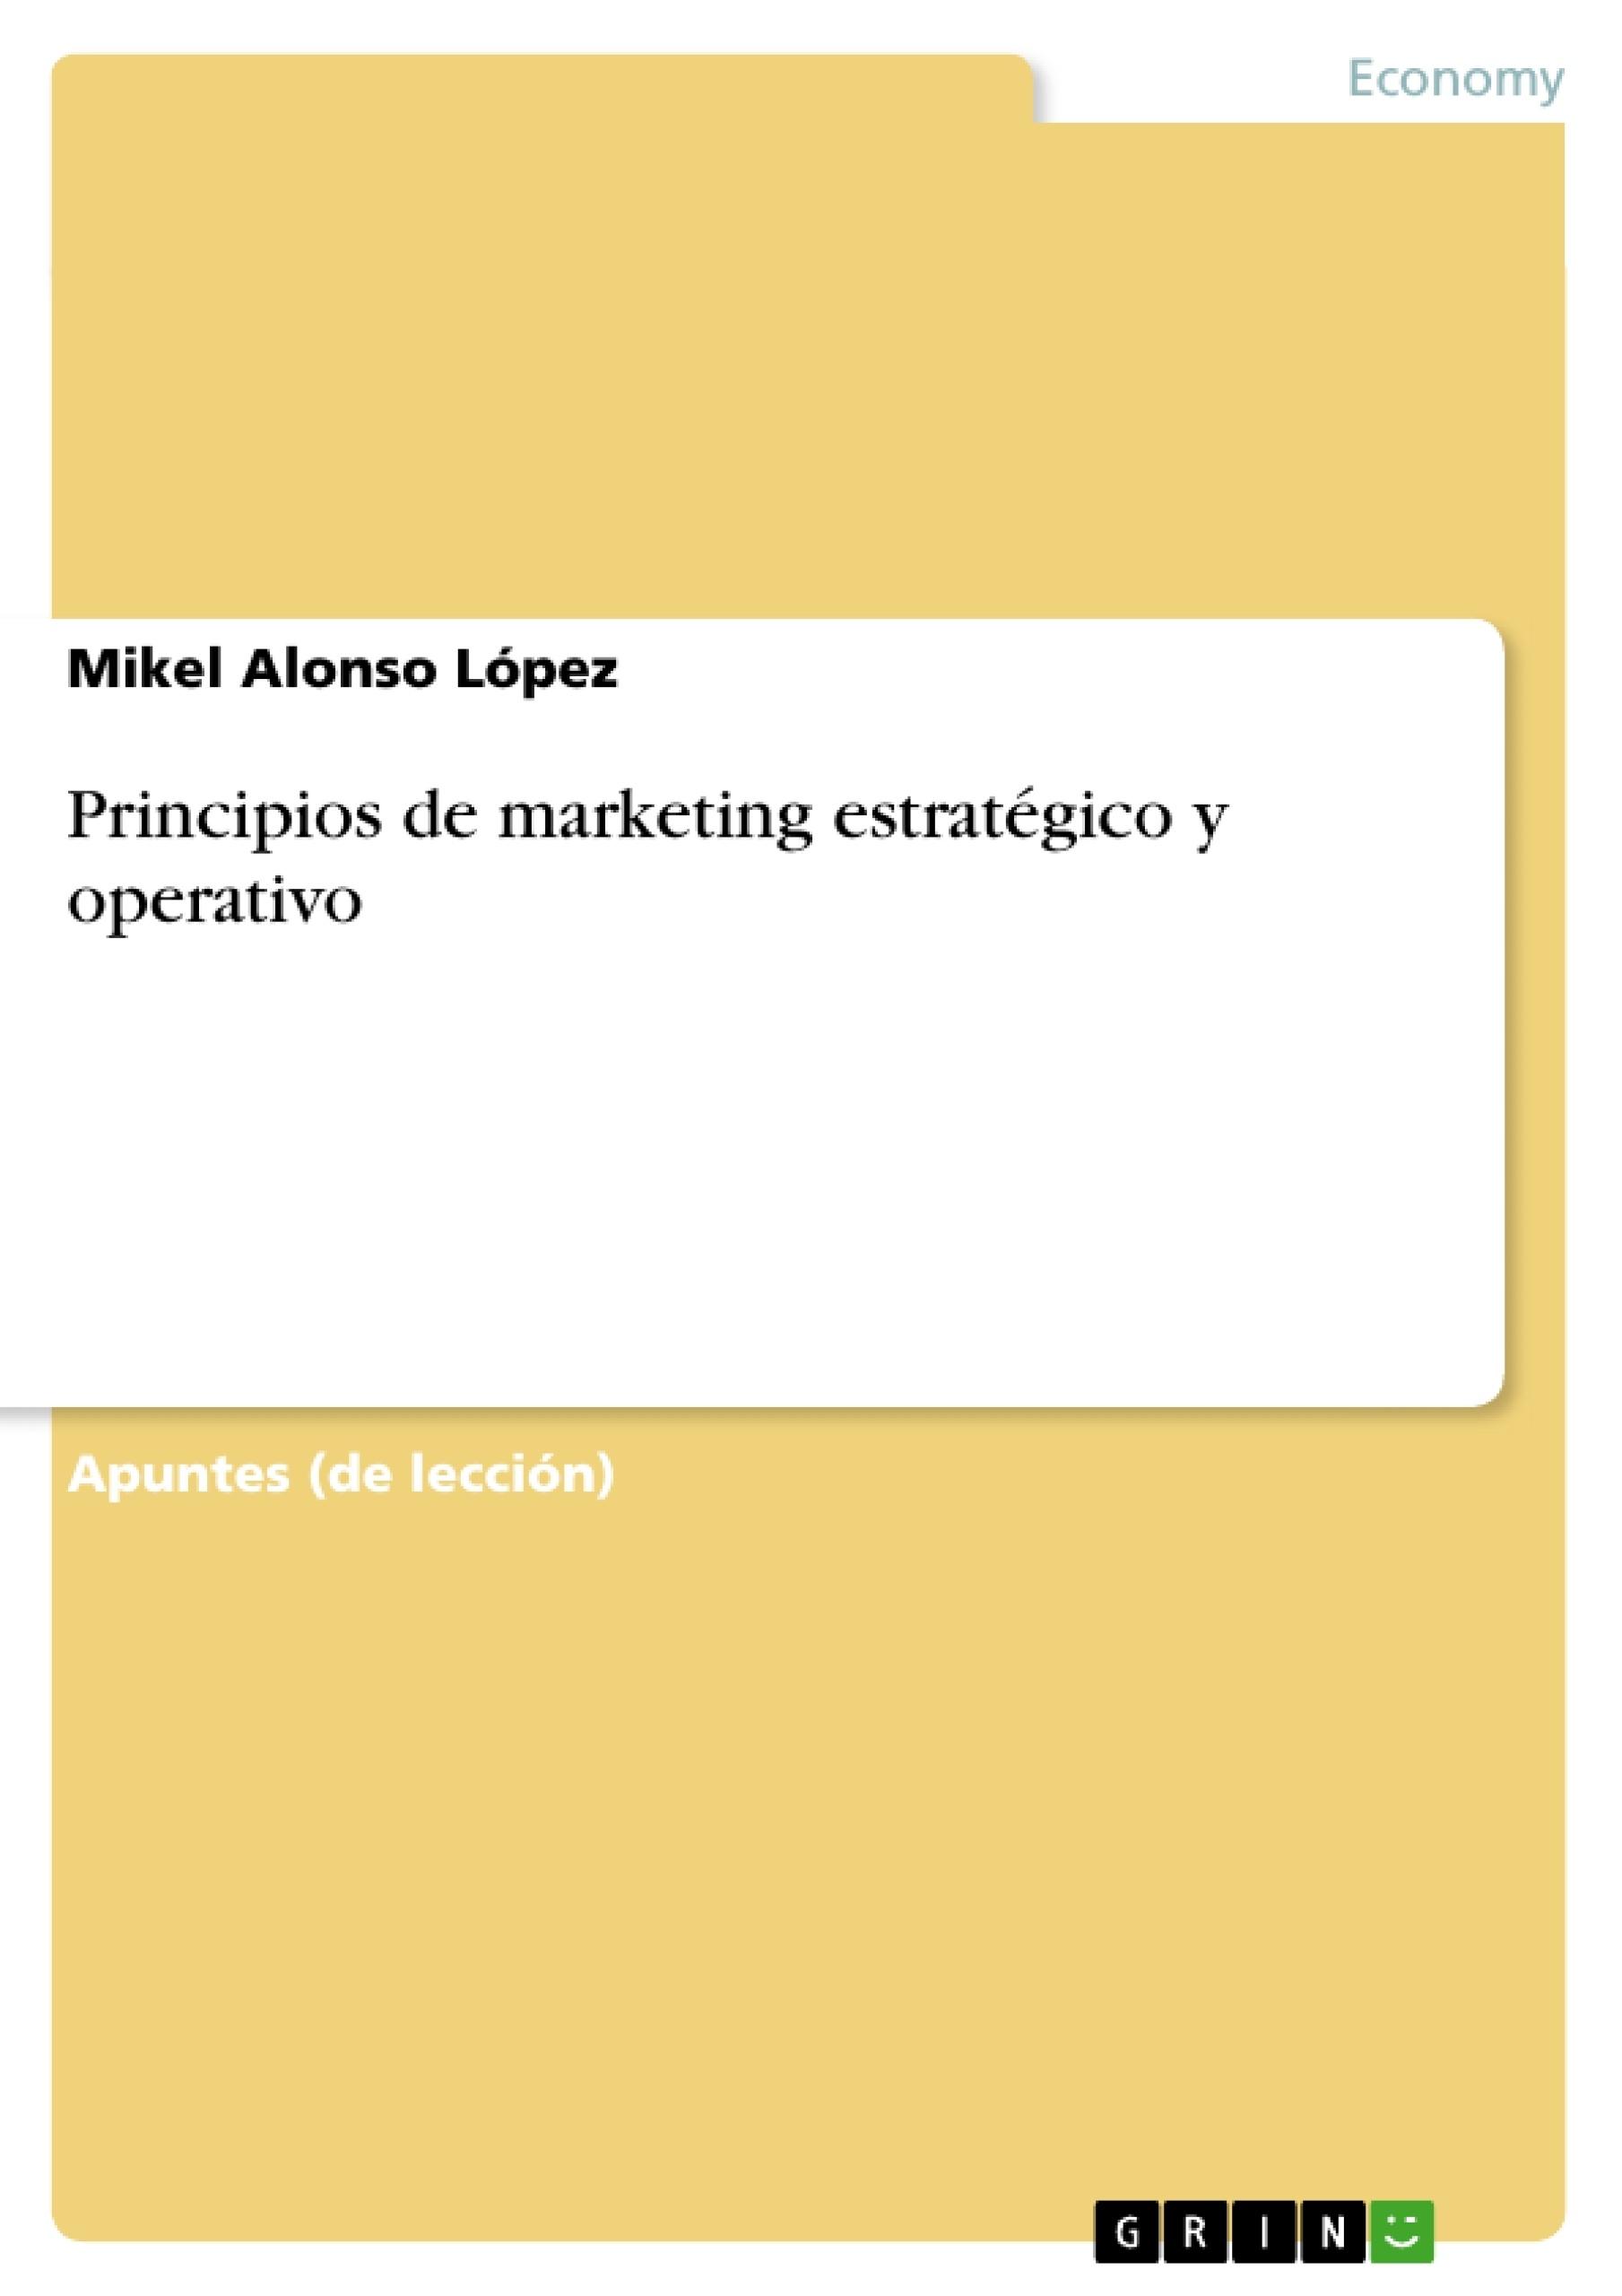 Título: Principios de marketing estratégico y operativo